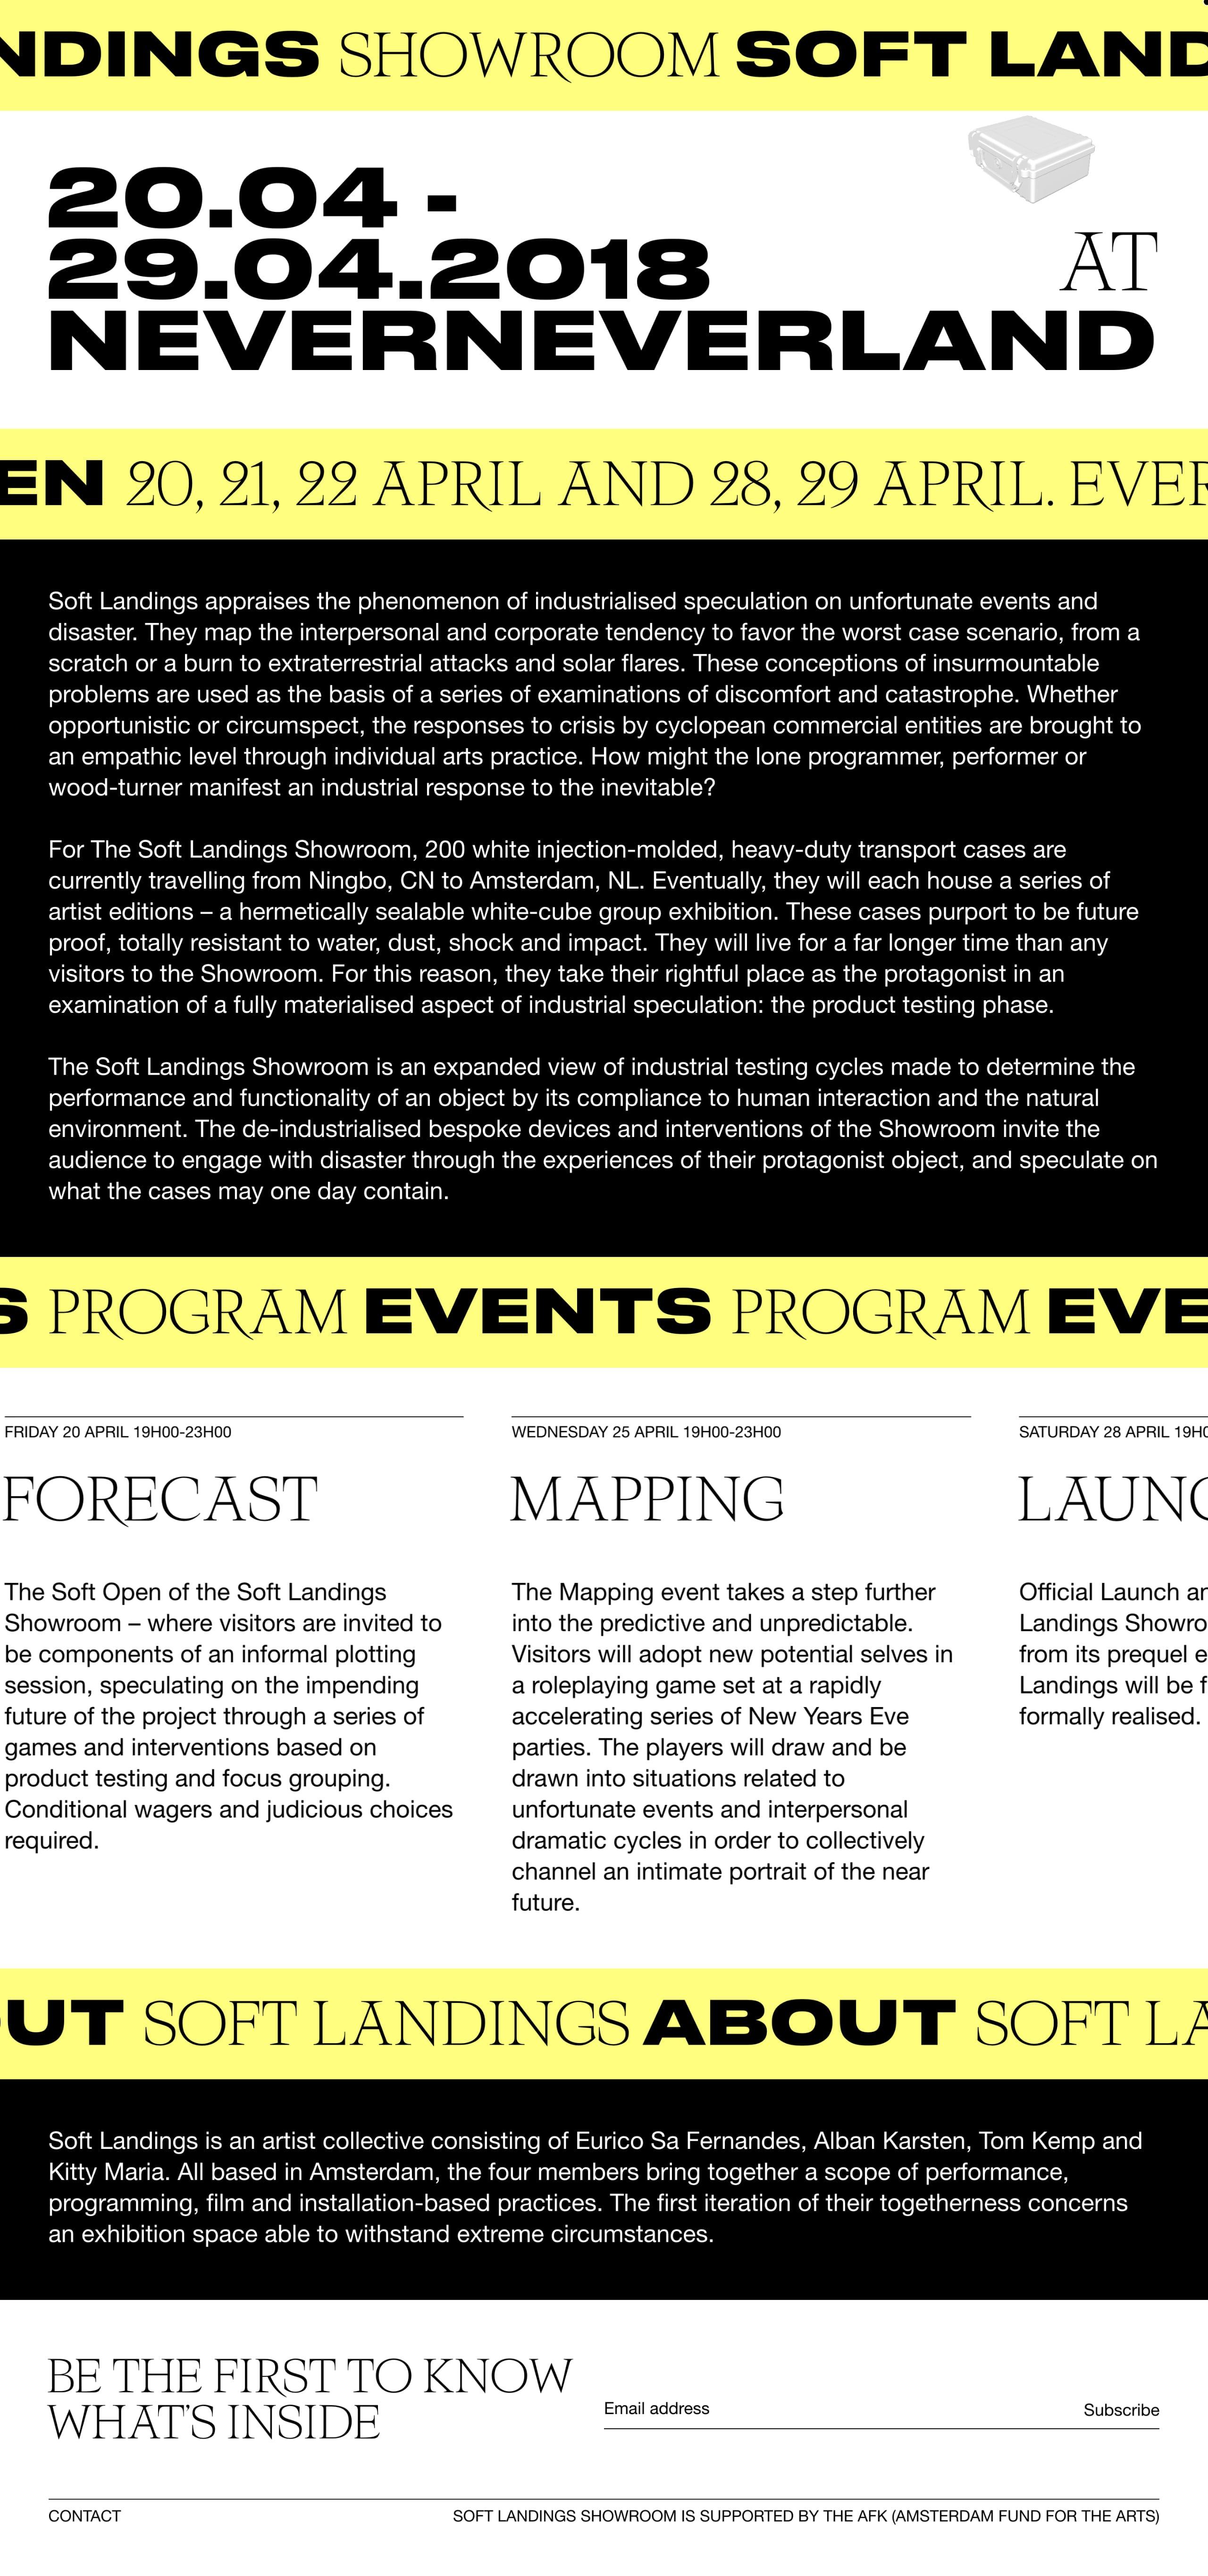 Soft Landings Website Screenshot